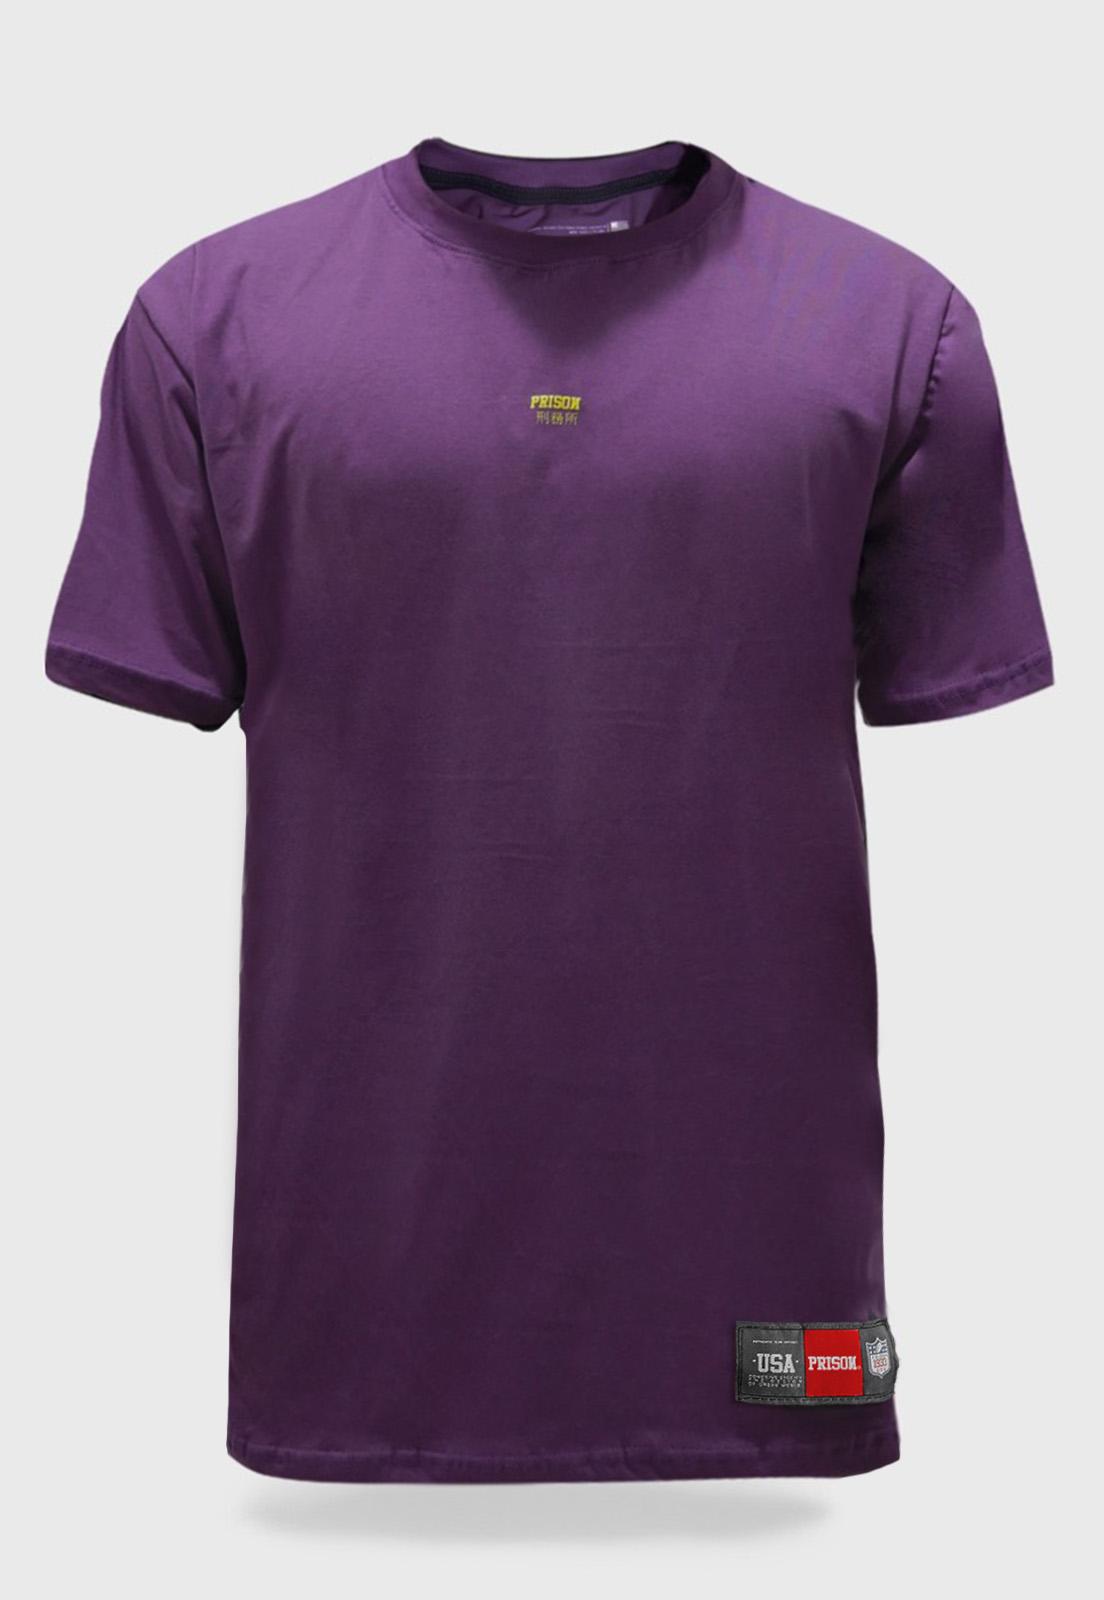 Camiseta Prison Purple Discret